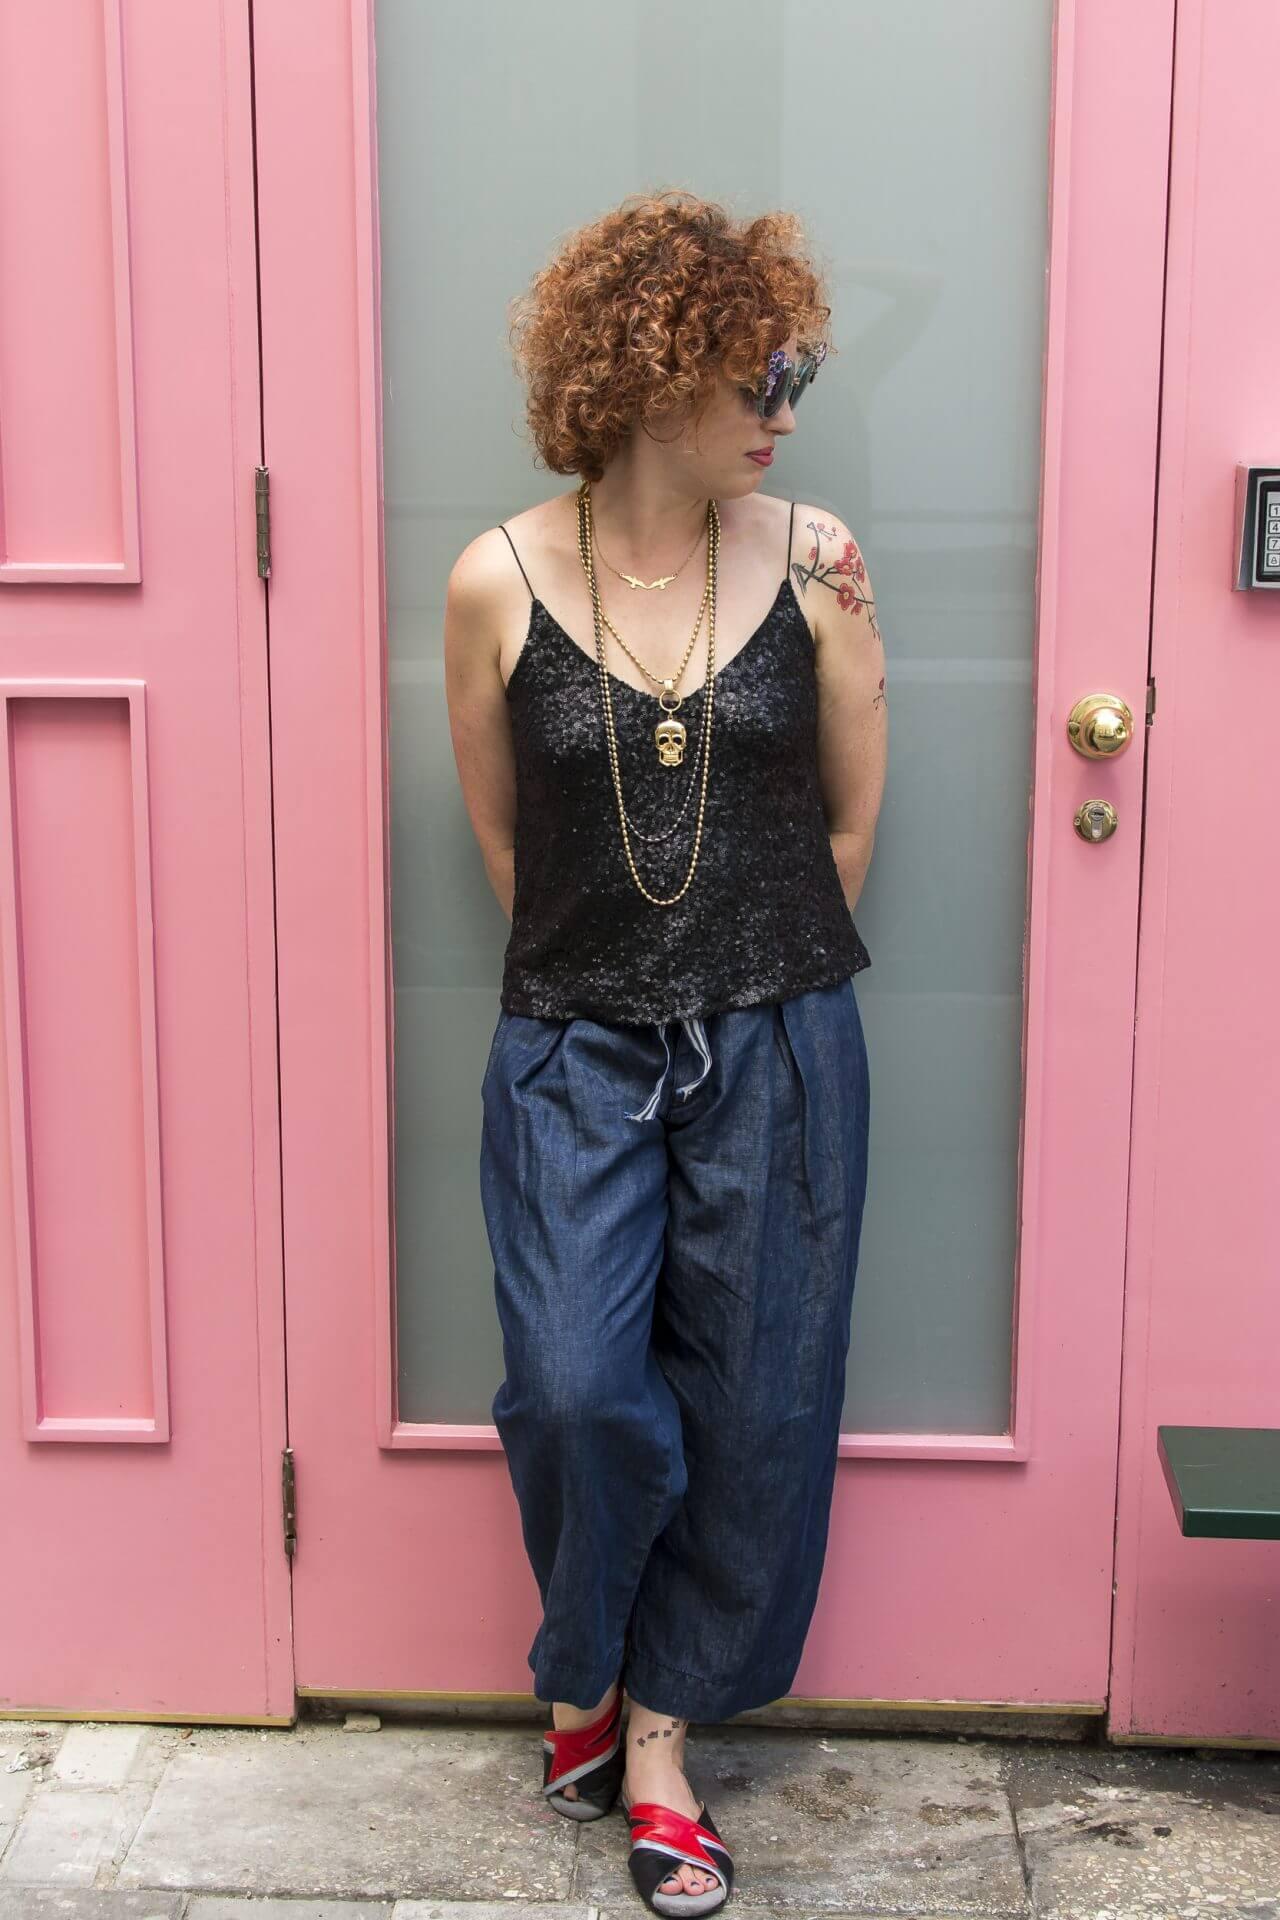 ג'ינס מתרחבים בצבע כחול